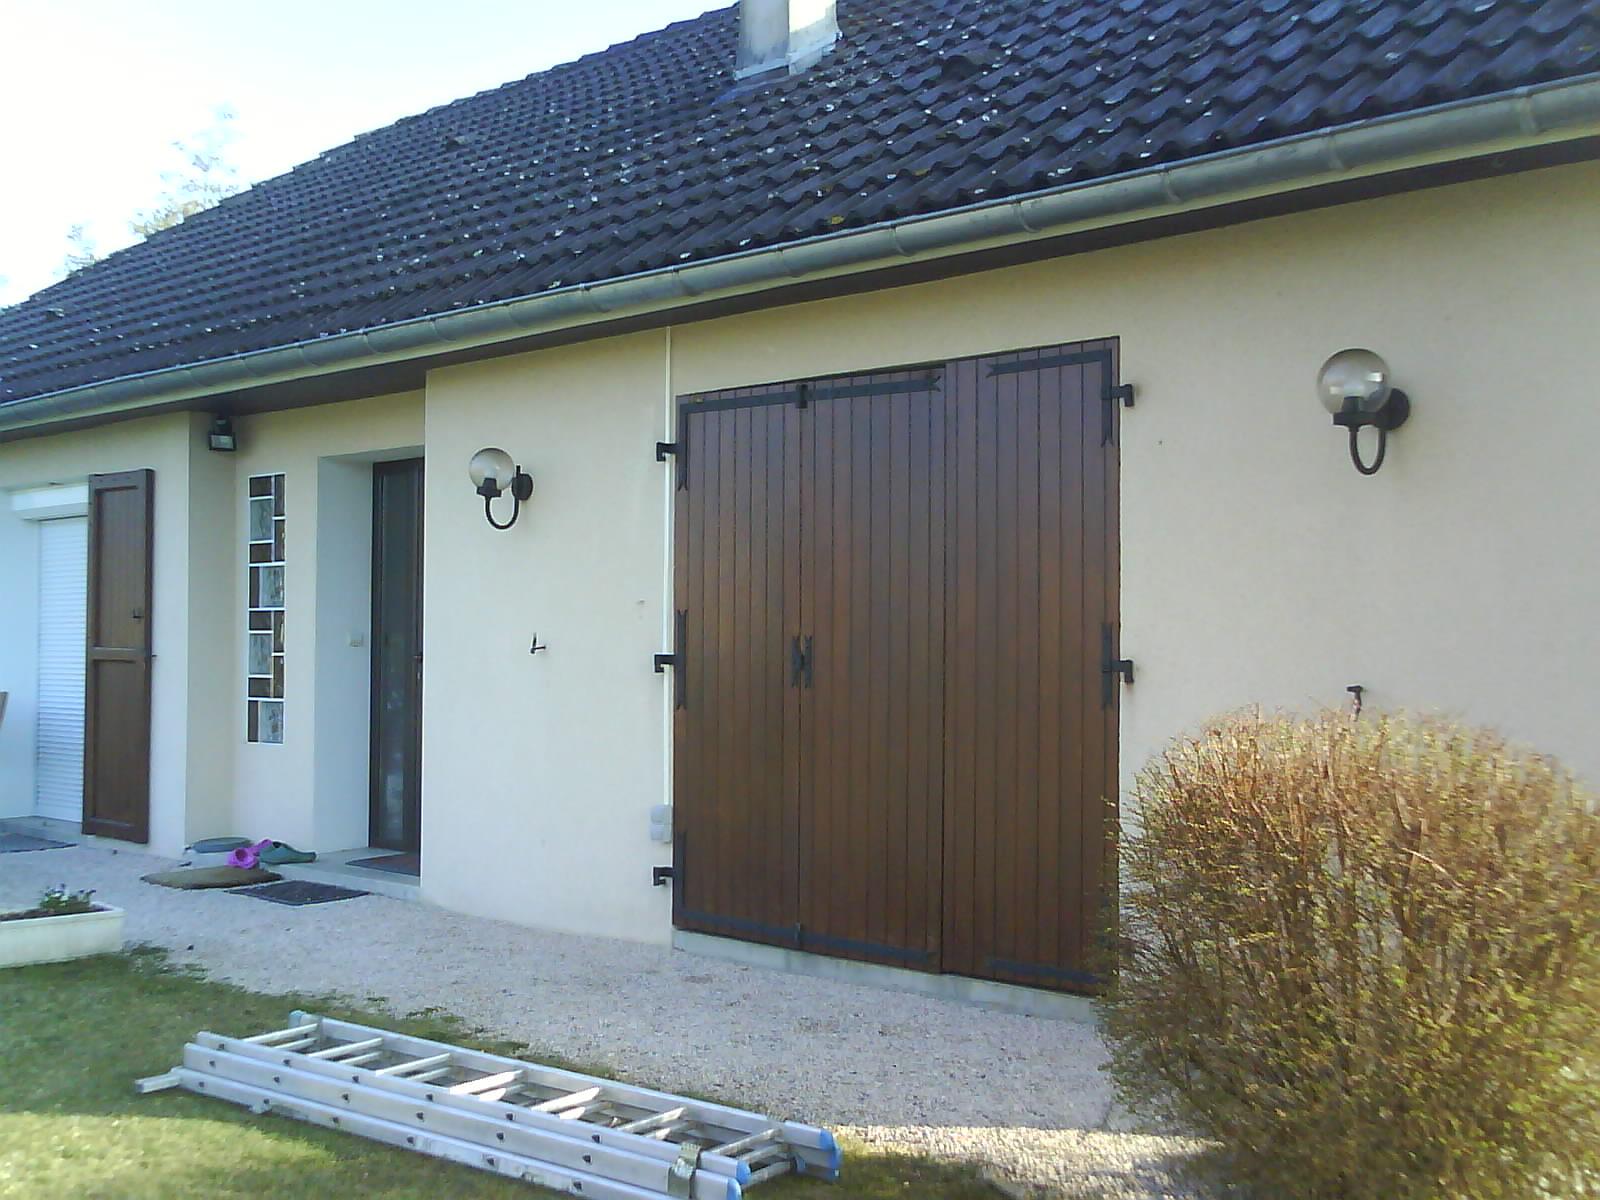 terrasse-abris-de-jardin-garde-corps-palissade-treillis-parquet-pergolas-entretien-du-bois-mobilier-exterieur-115